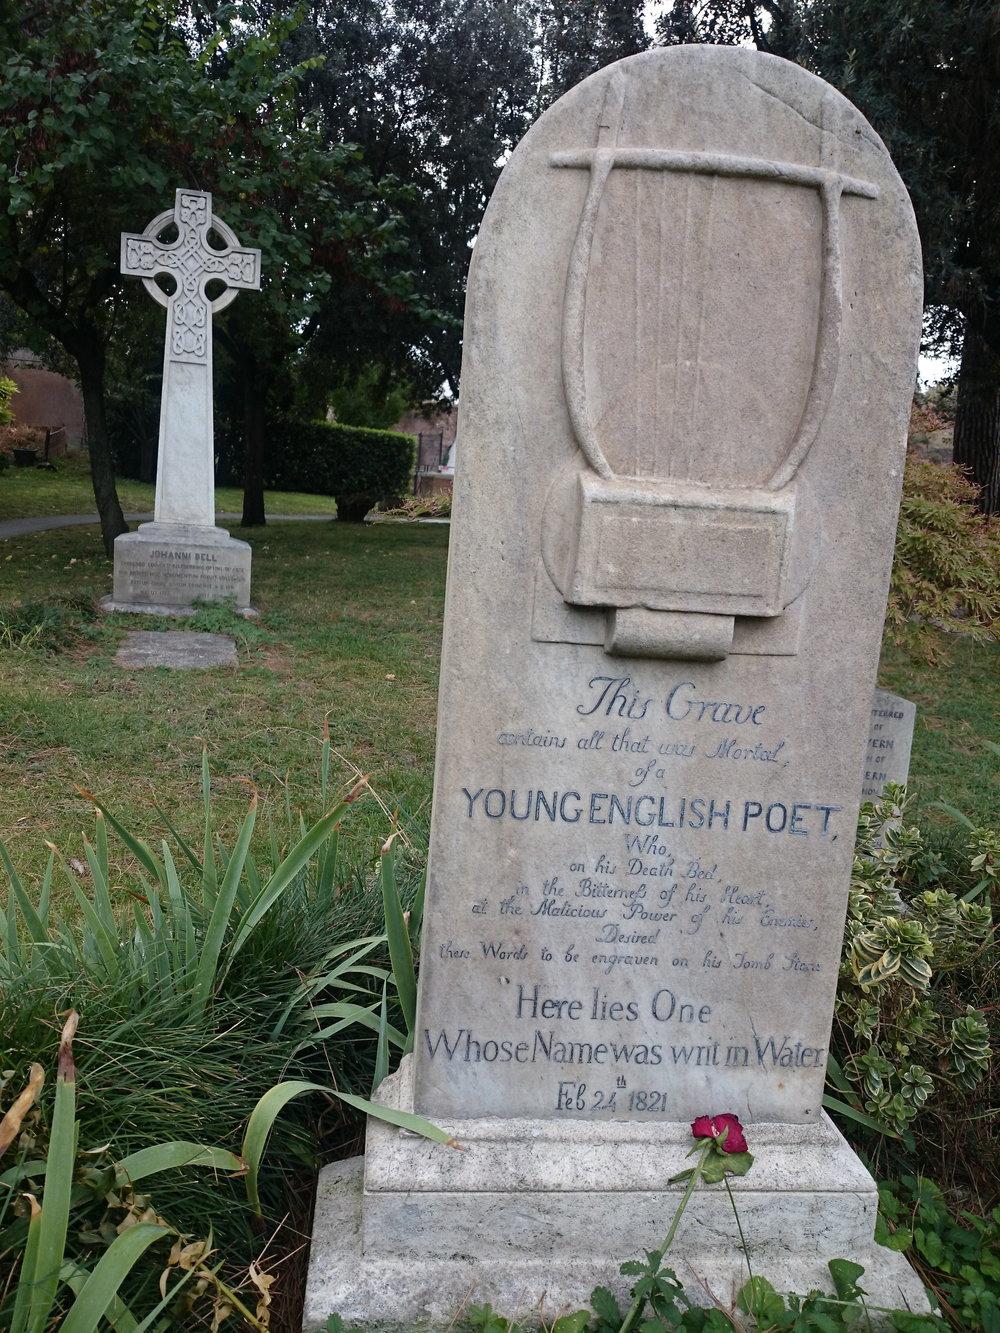 John Keat's Tomb